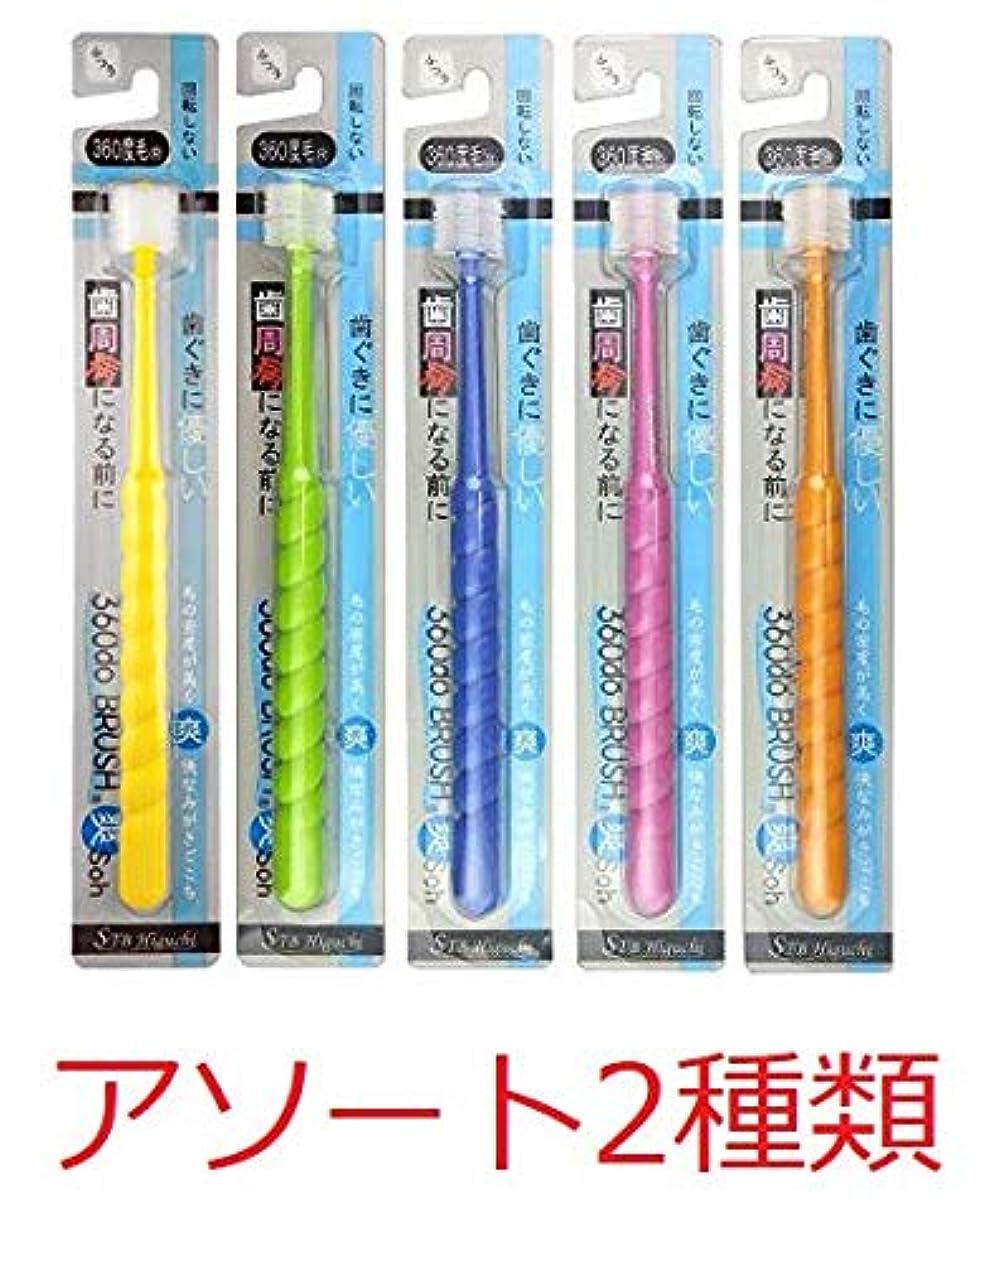 純正自慢ショッピングセンター360度歯ブラシ 360do BRUSH 爽(SOH)2個セット (カラーは2色おまかせ)